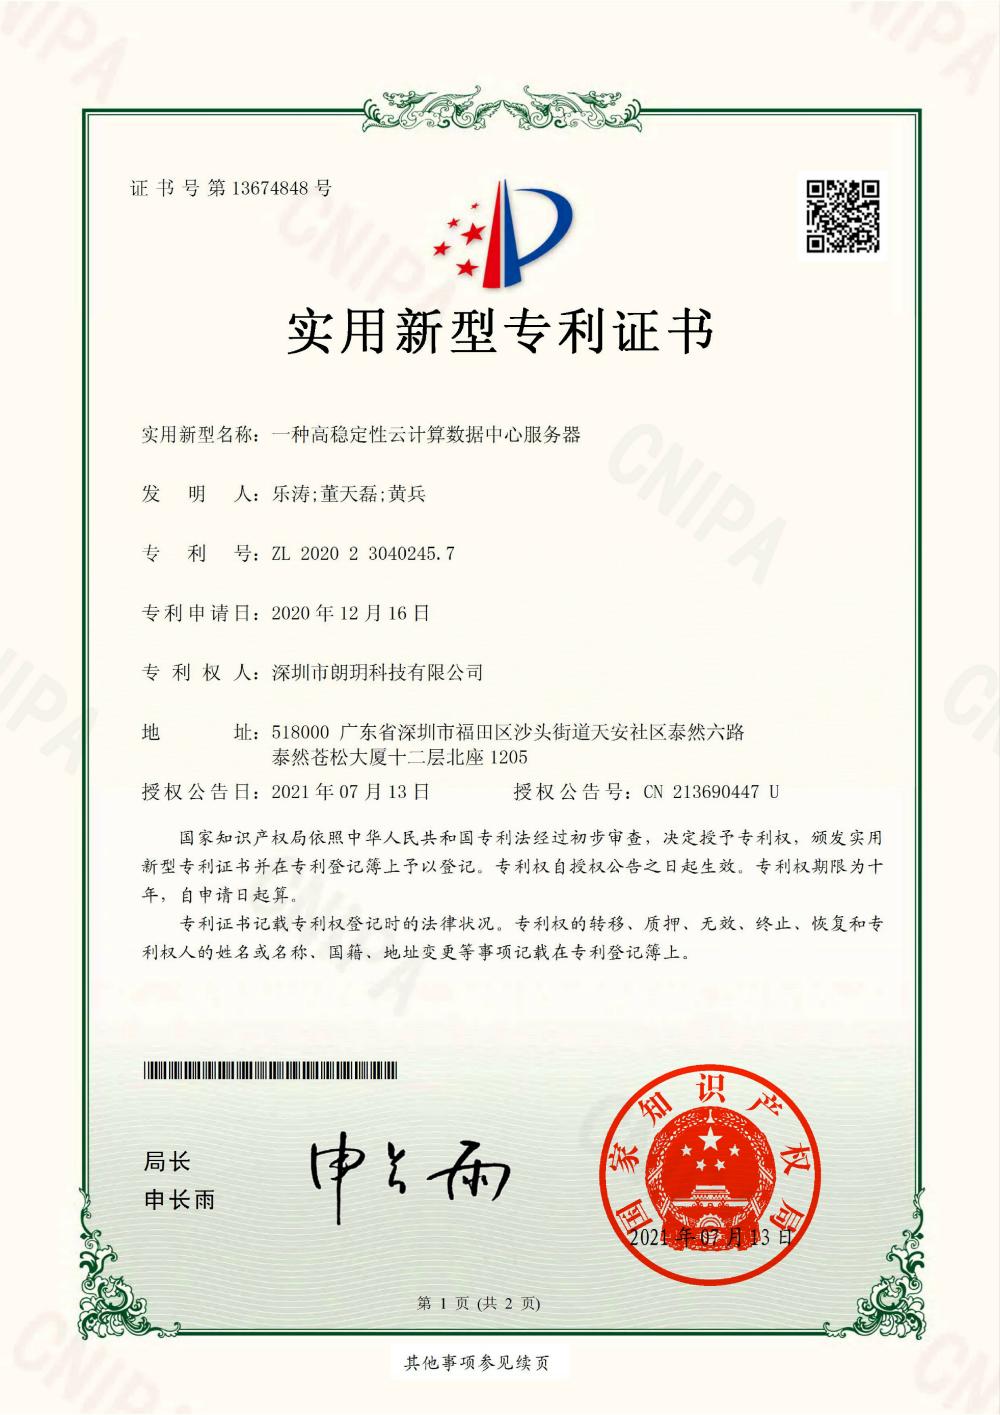 恭喜,公司荣获两项实用新型专利!